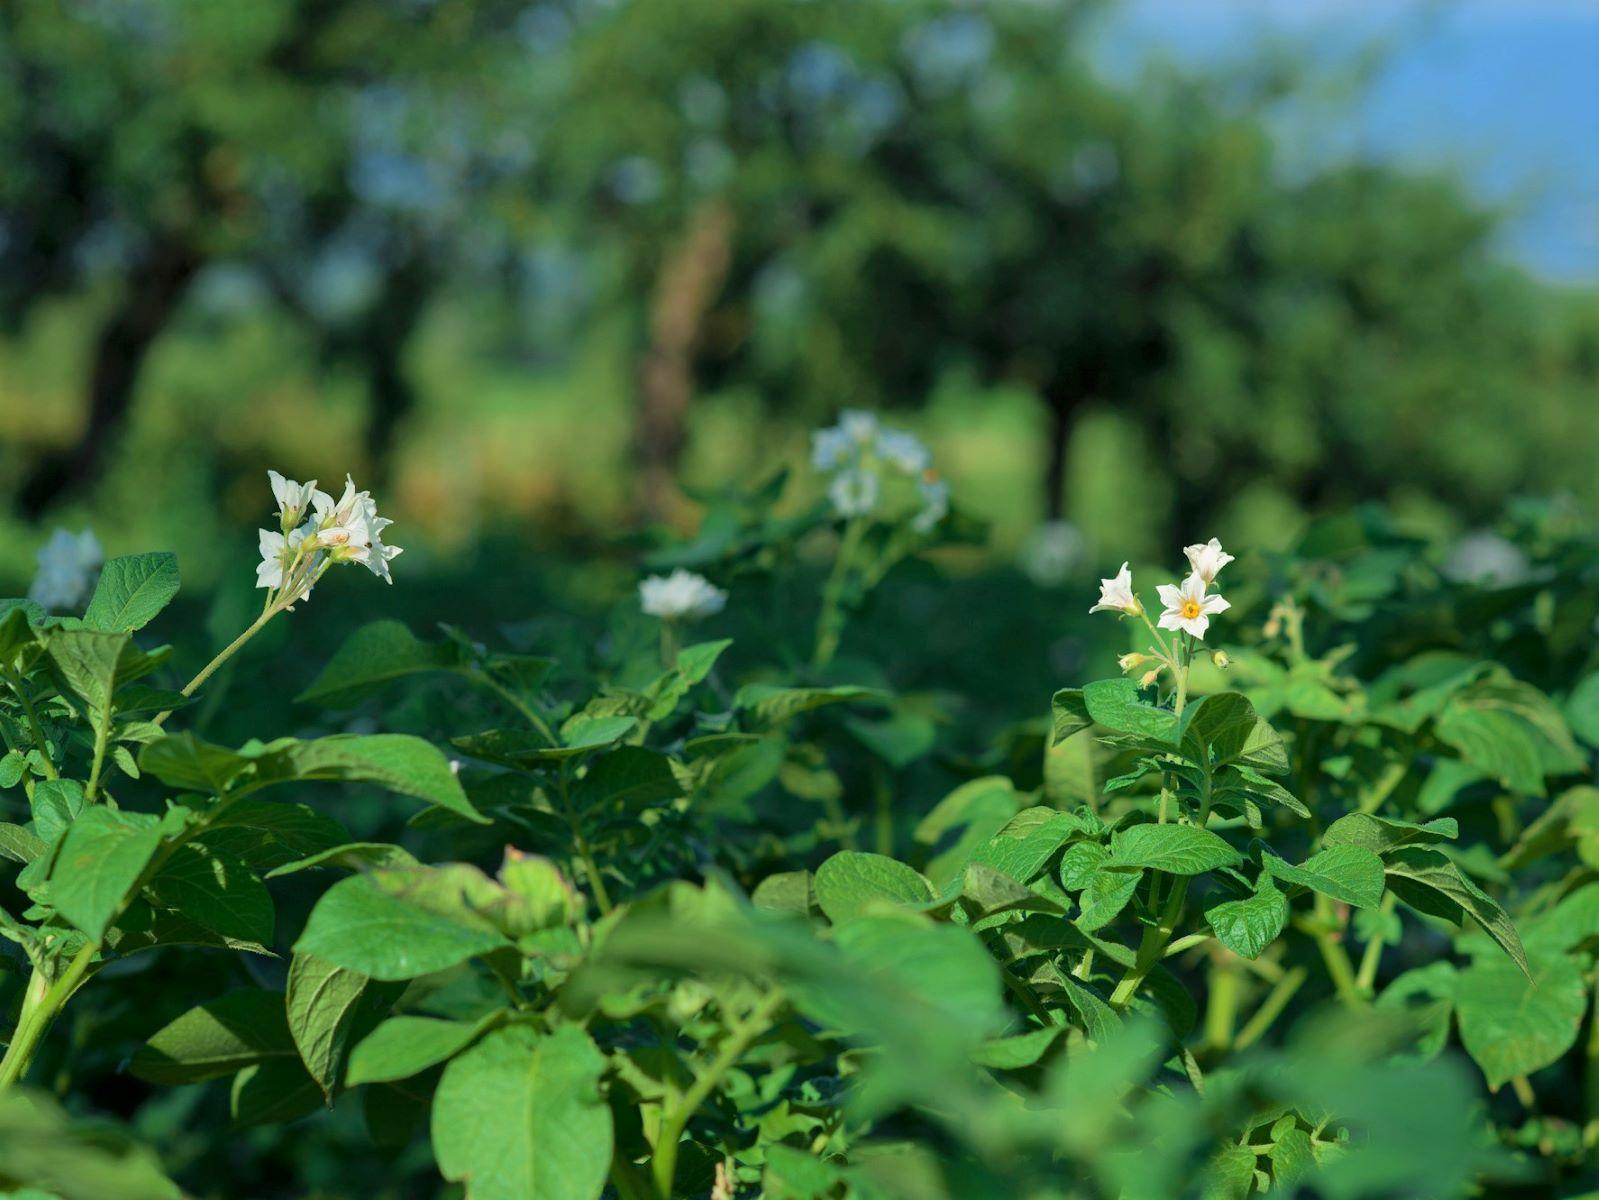 Juillet - Les Pommes de Terre sont en fleurs